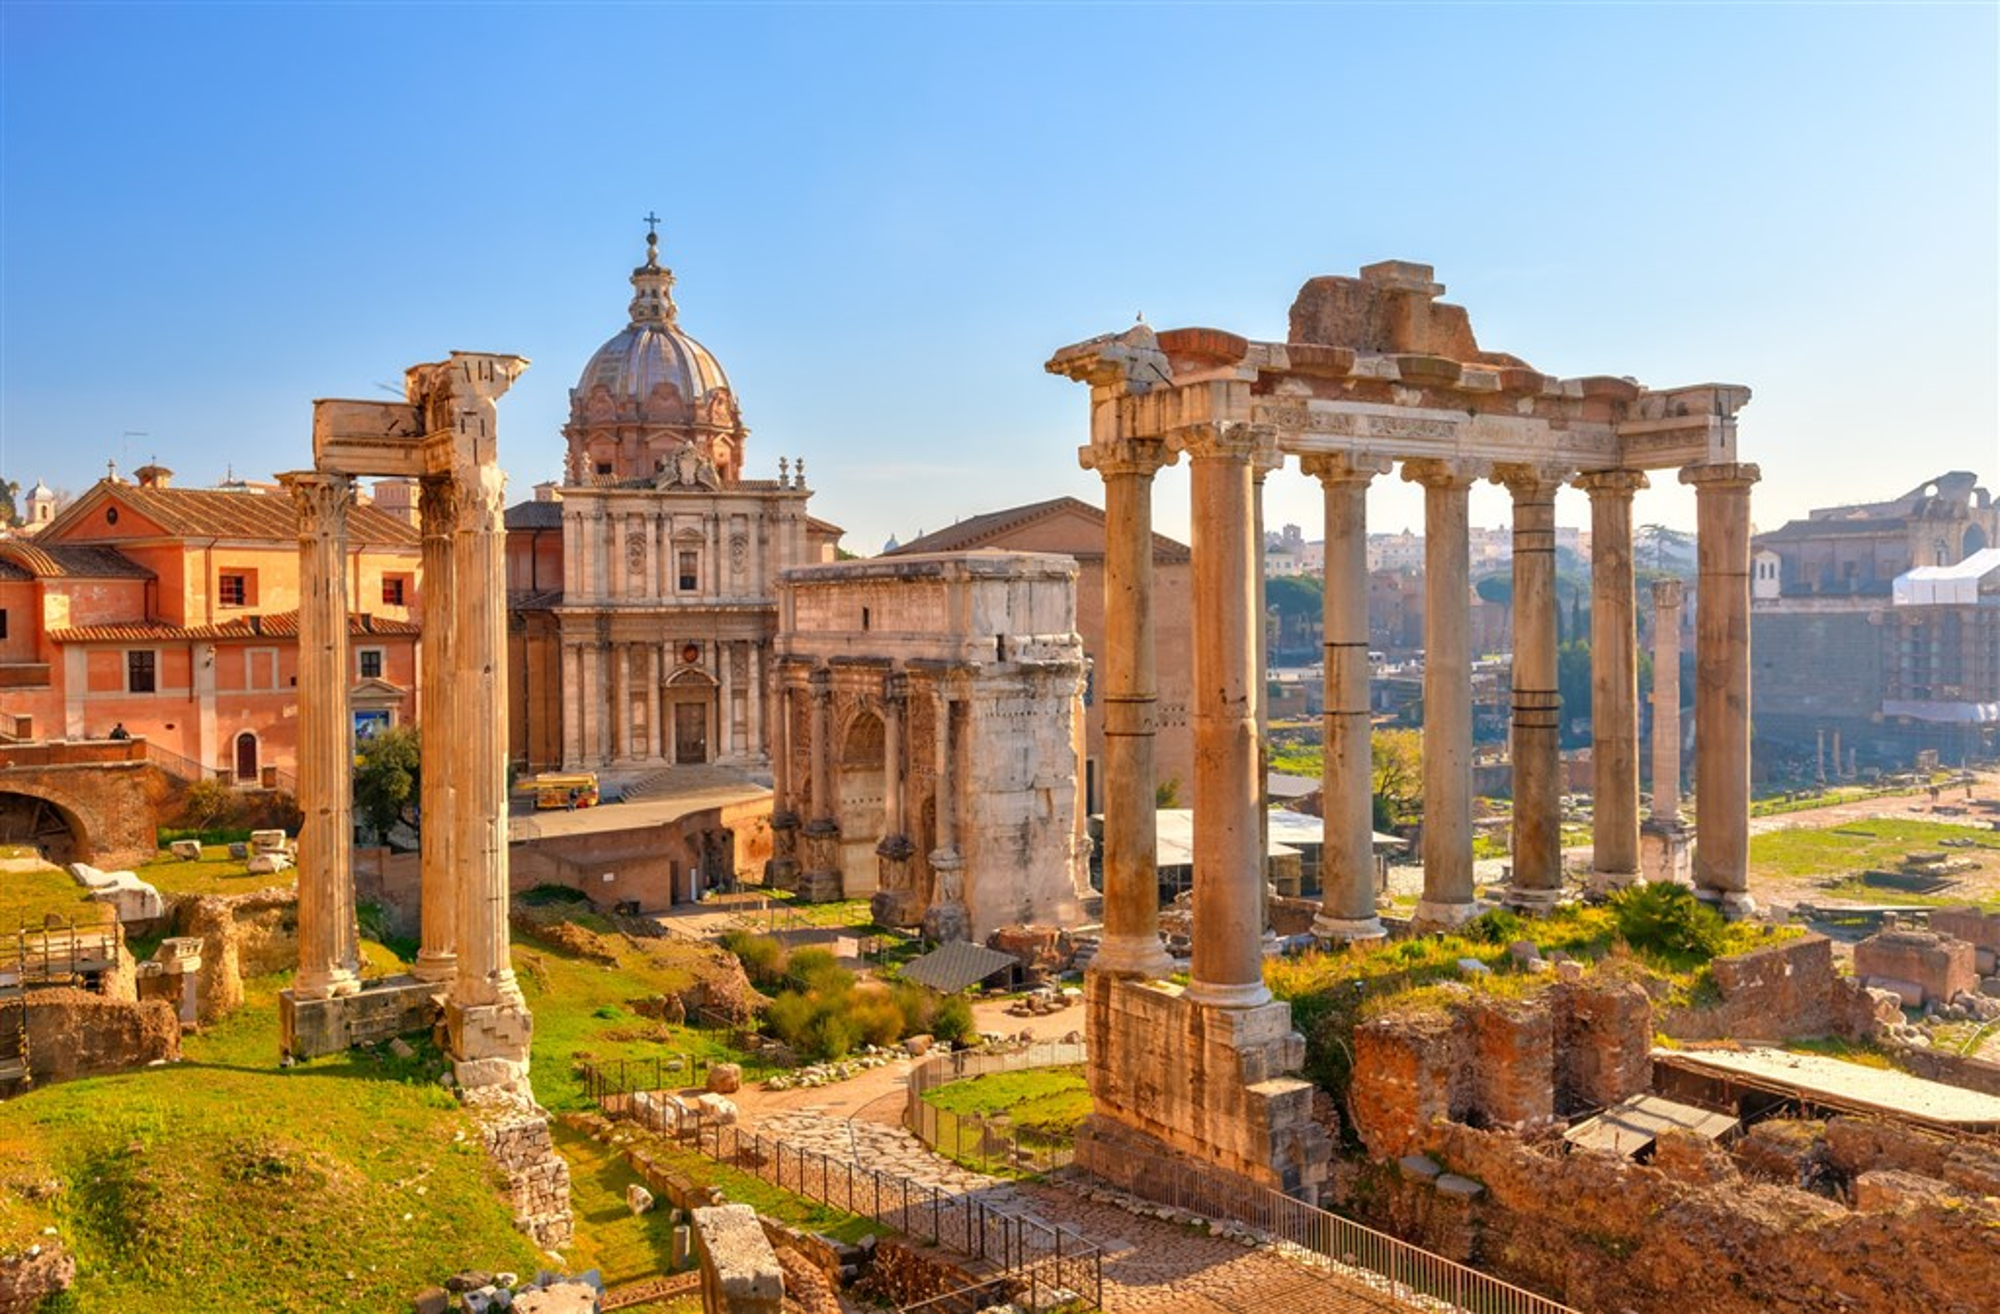 Ruiny v Římě